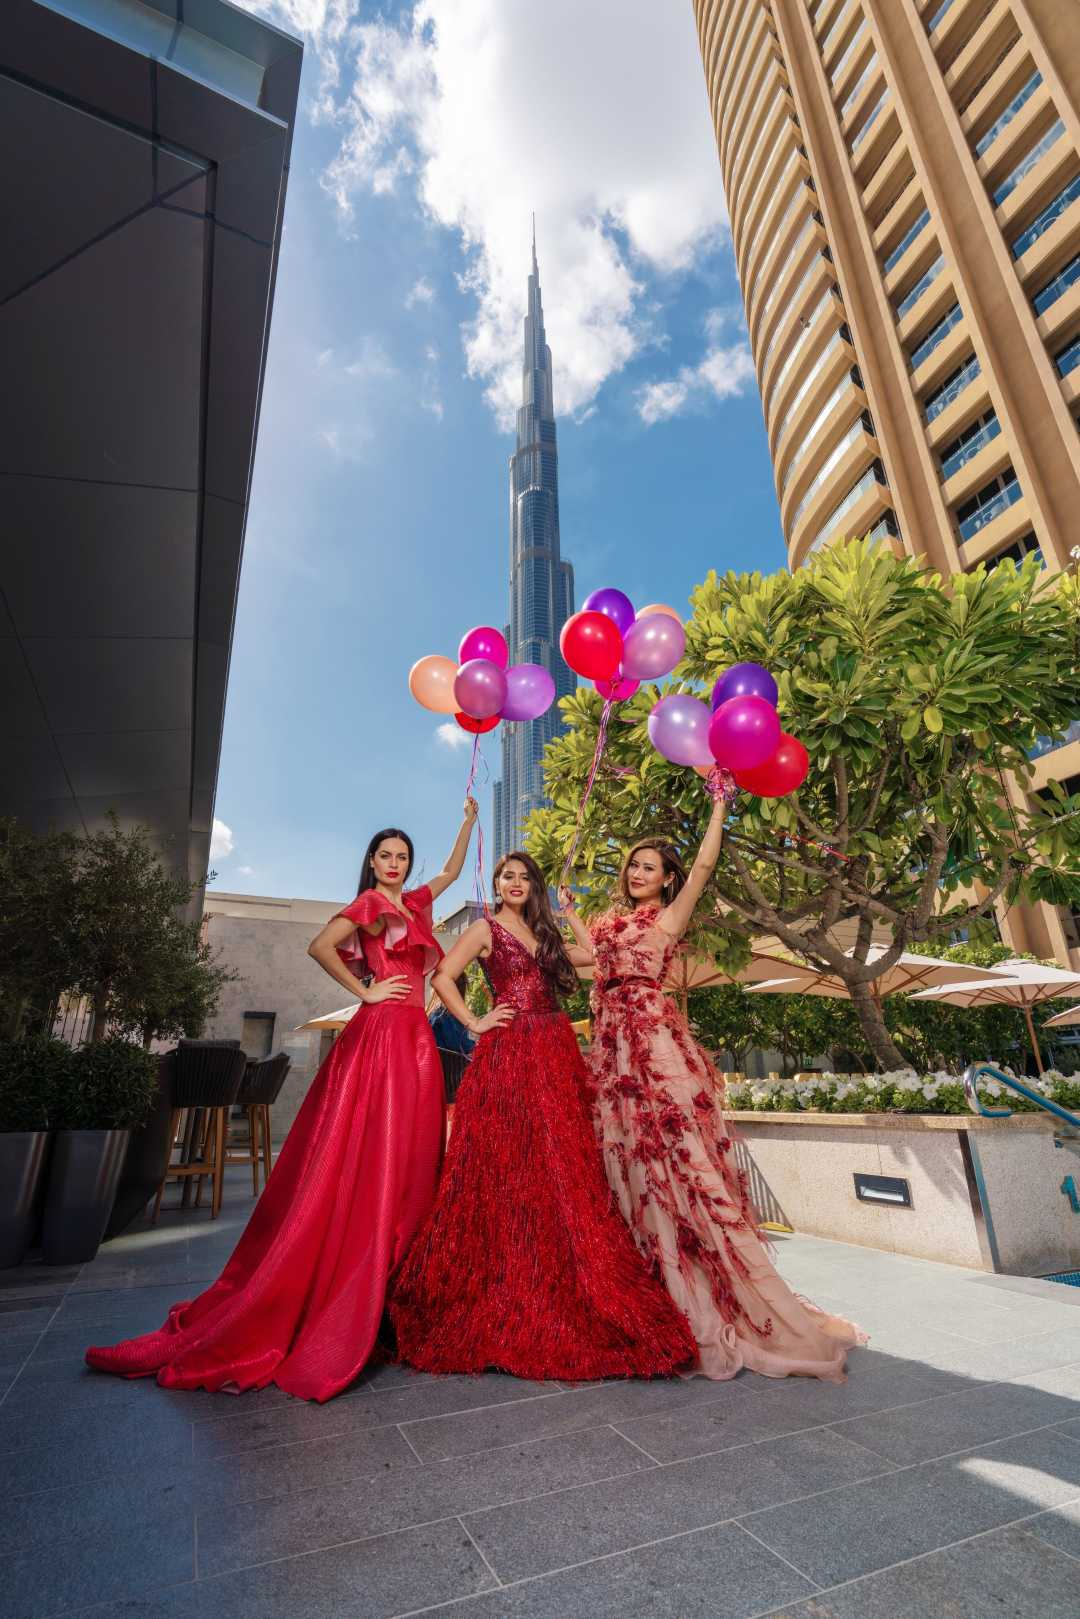 迪拜旅游业保持稳定发展态势